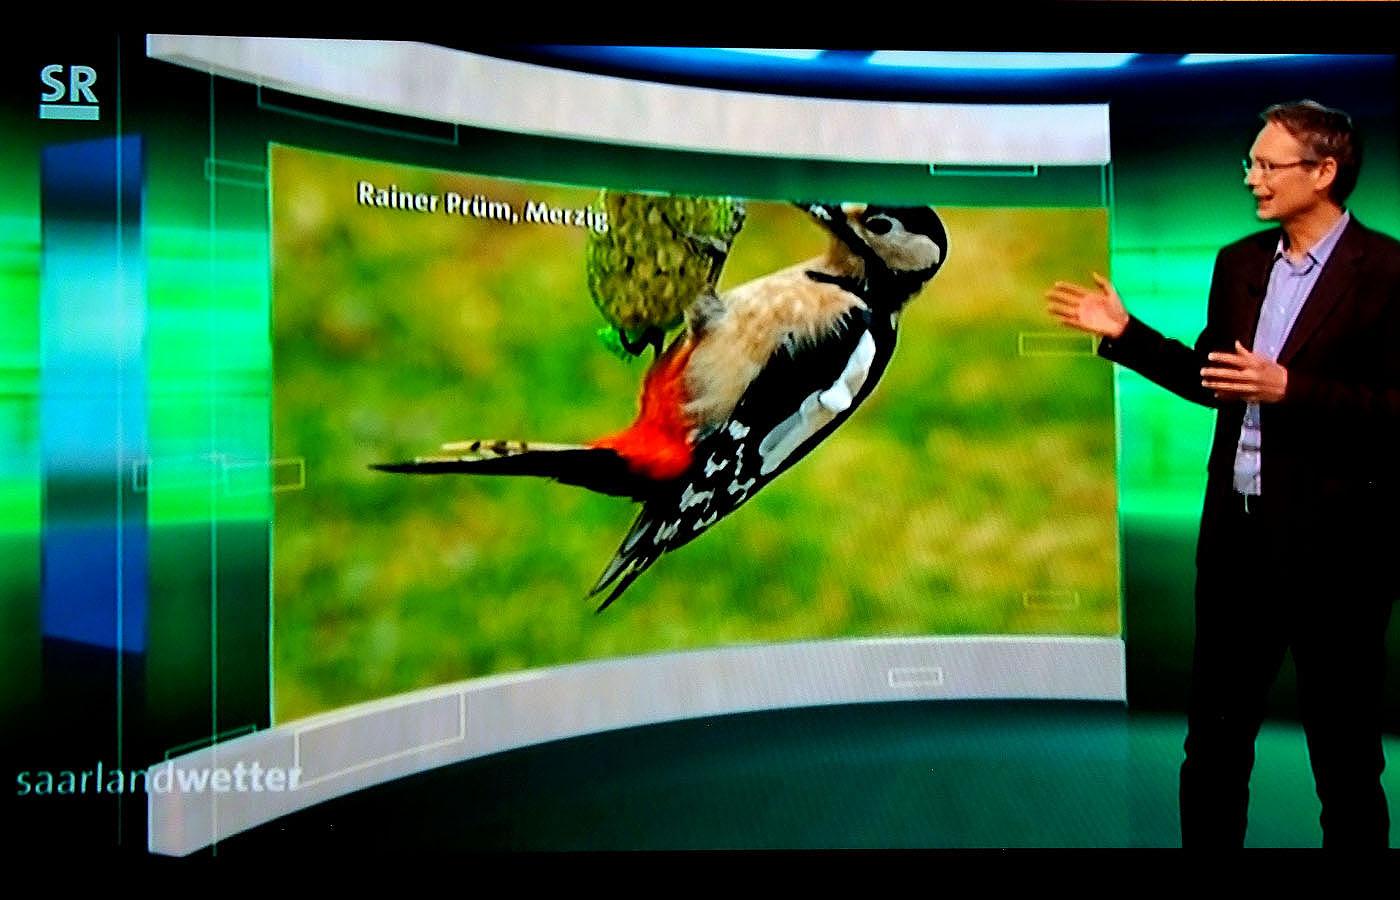 Fotos von Marketingfachmann Rainer Prüm seit neun Jahren im SR Wetter des Saarländischen Rundfunks.